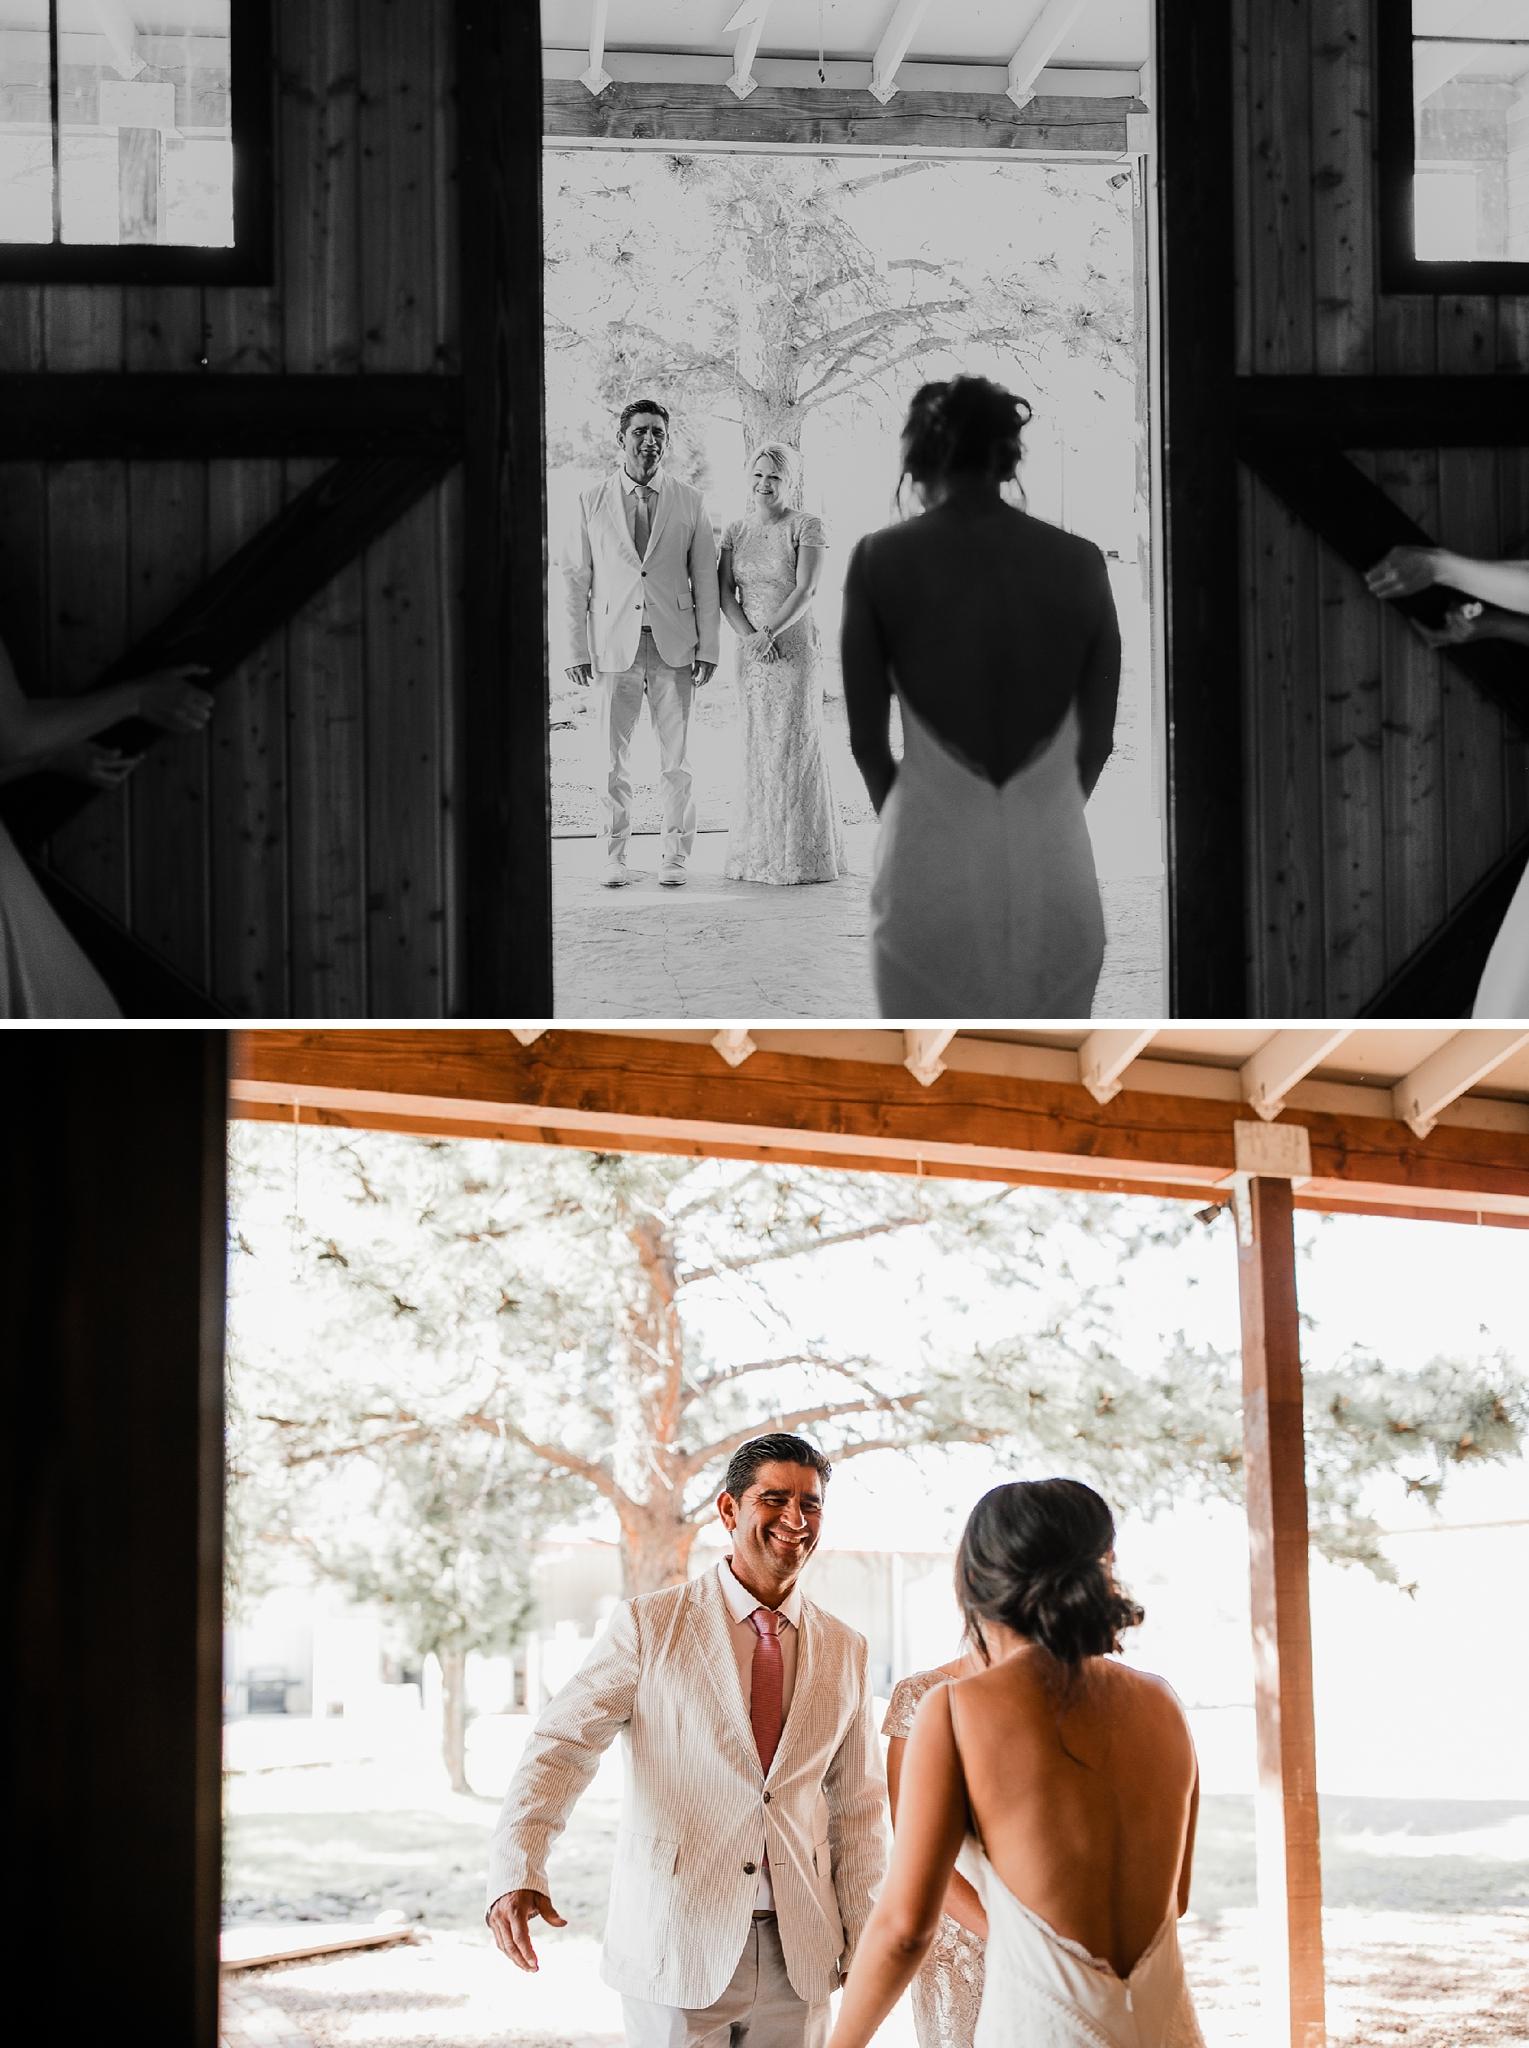 Alicia+lucia+photography+-+albuquerque+wedding+photographer+-+santa+fe+wedding+photography+-+new+mexico+wedding+photographer+-+new+mexico+wedding+-+new+mexico+wedding+-+barn+wedding+-+enchanted+vine+barn+wedding+-+ruidoso+wedding_0062.jpg